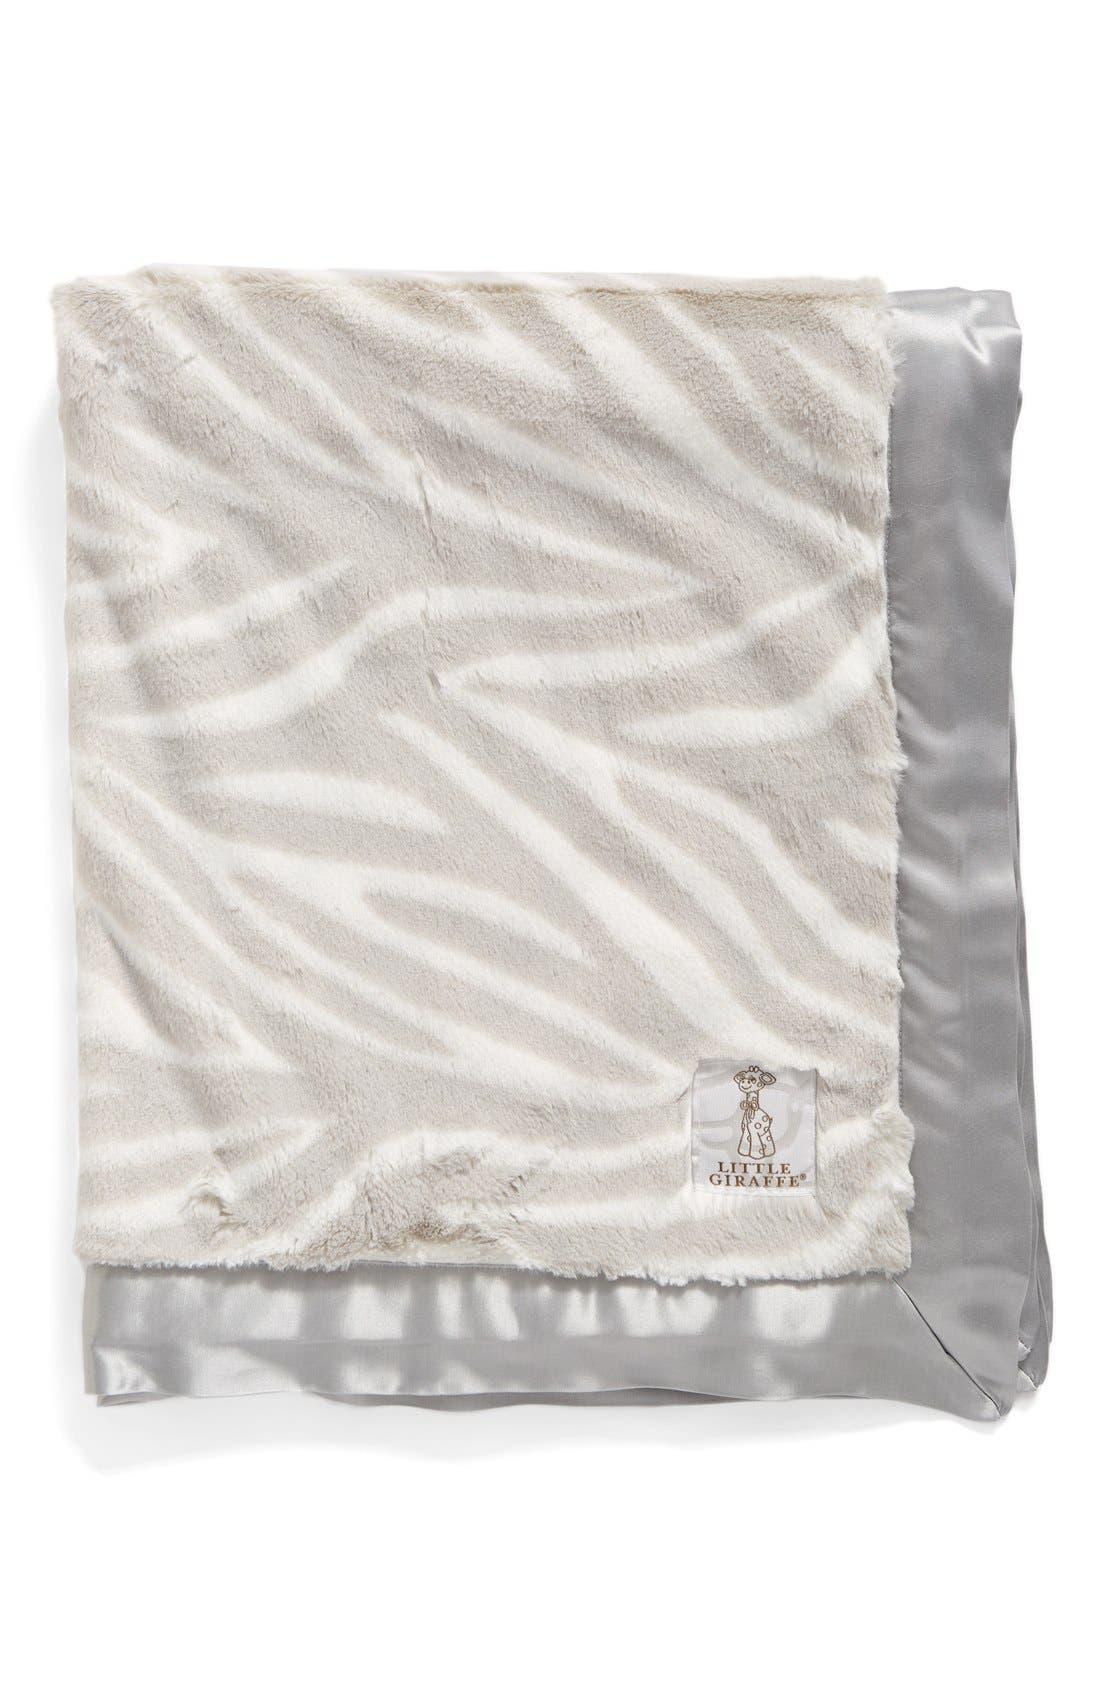 Little Giraffe Luxe™ Zebra Print Blanket